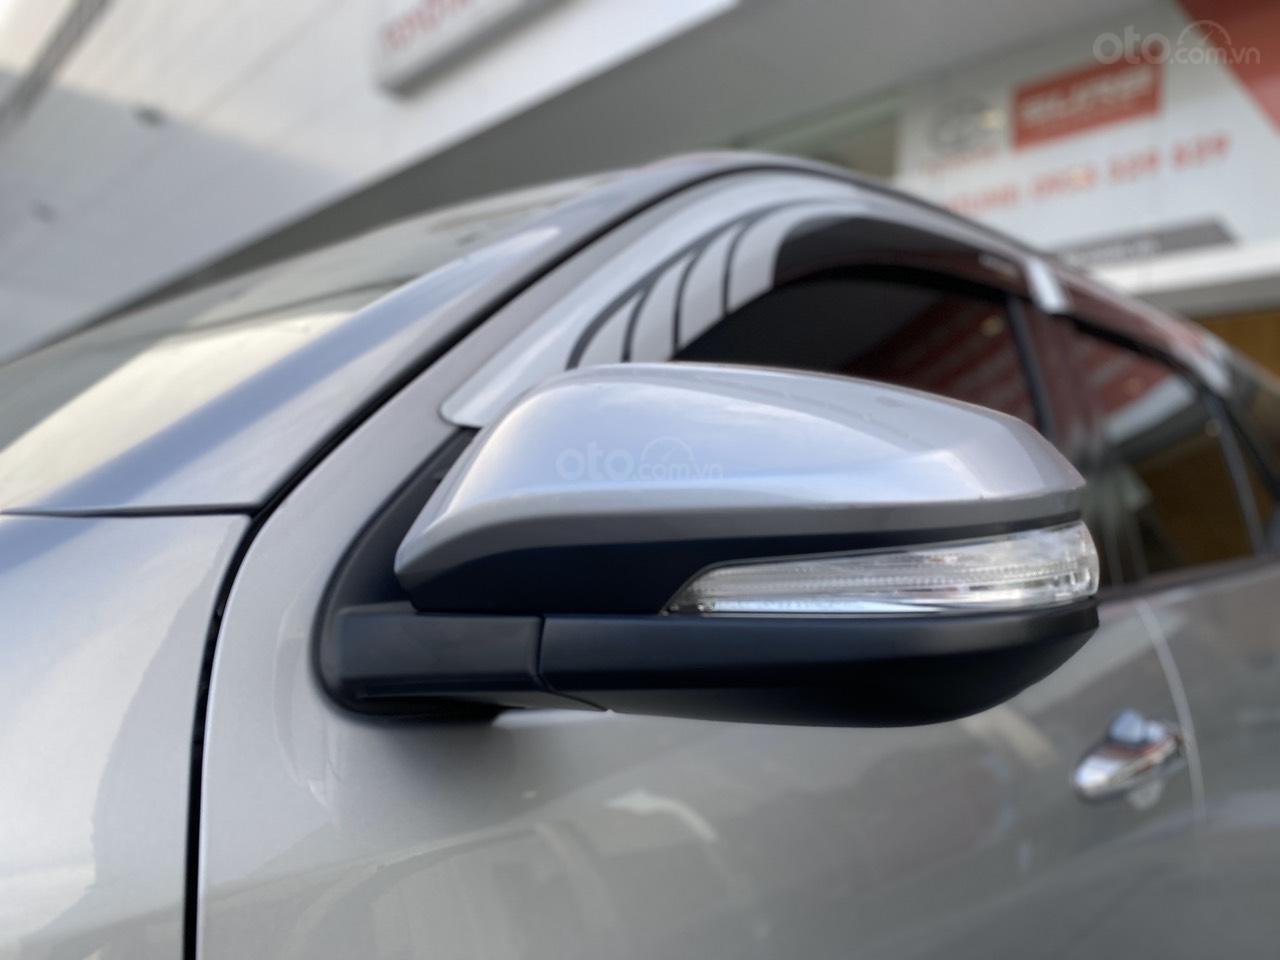 Bán Toyota Fortuner 2.7V 4x2 AT 2017, màu bạc, nhập khẩu, đi 23.000km giá 970tr (6)